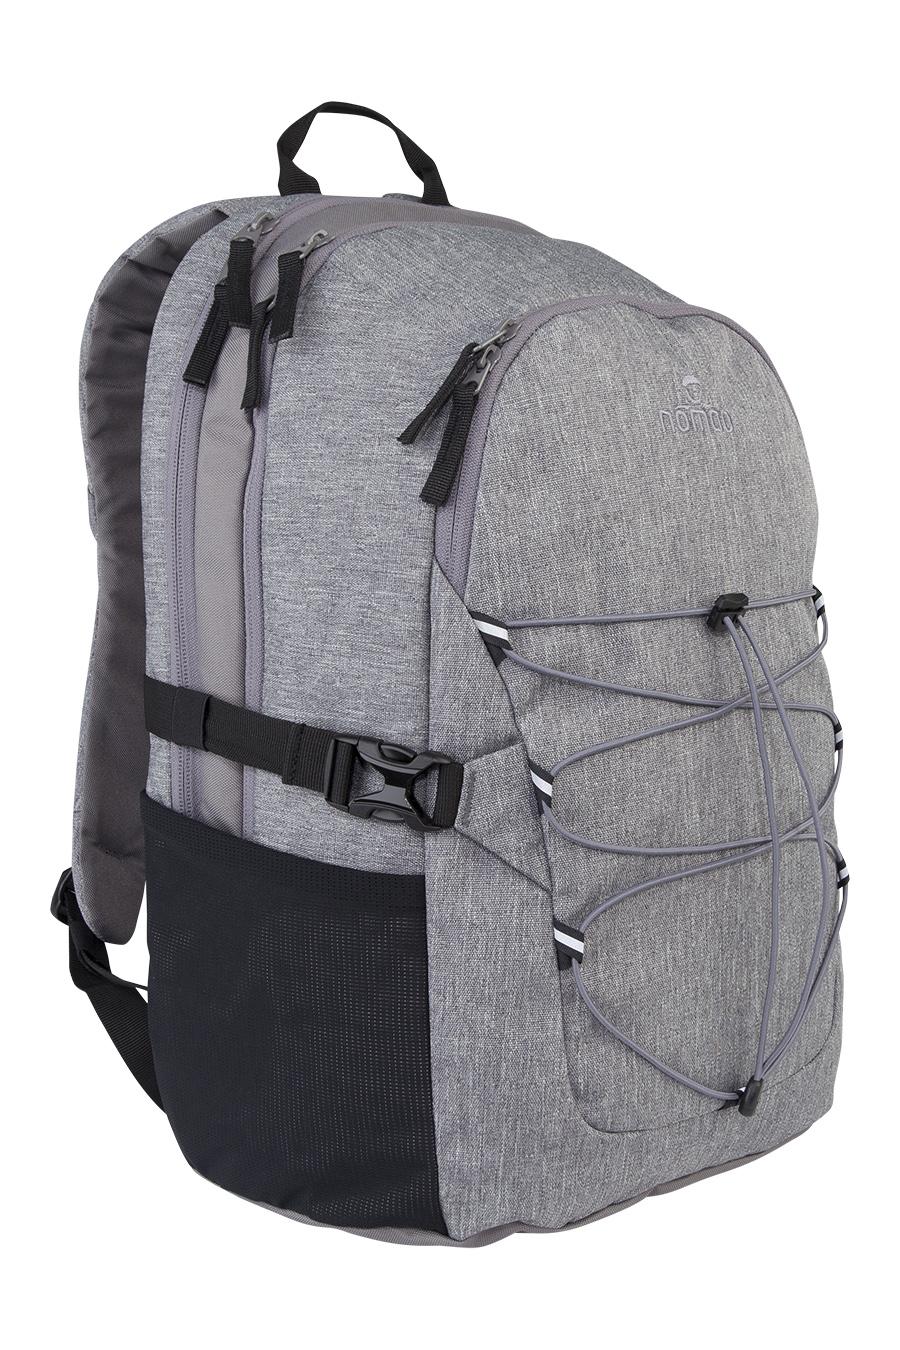 Focus daypack 28L